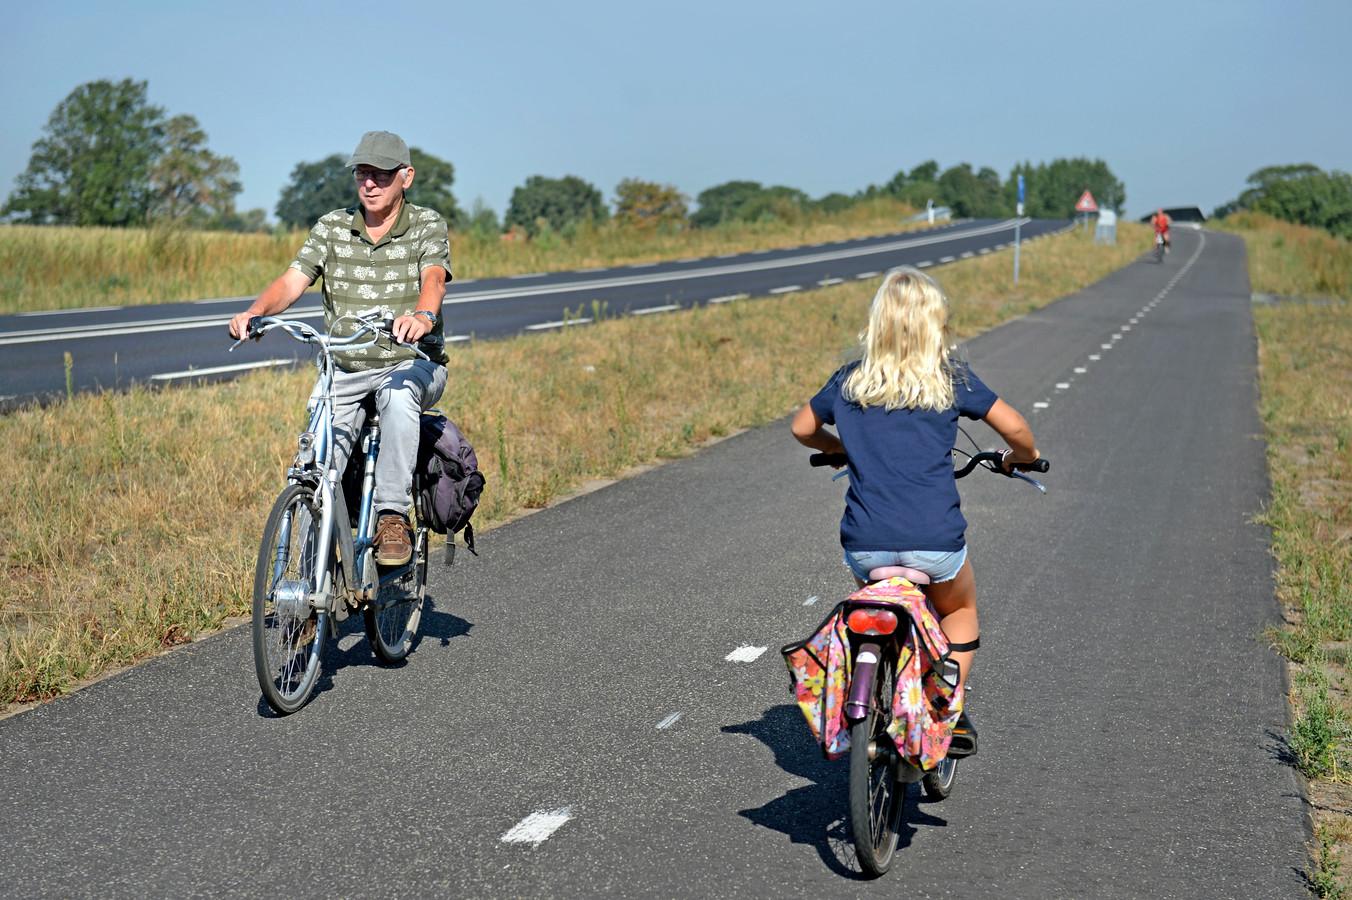 Op steeds meer plekken in Nederland ontstaan snelle routes tussen steden, waar onder meer fietsende forenzen gebruik van maken.